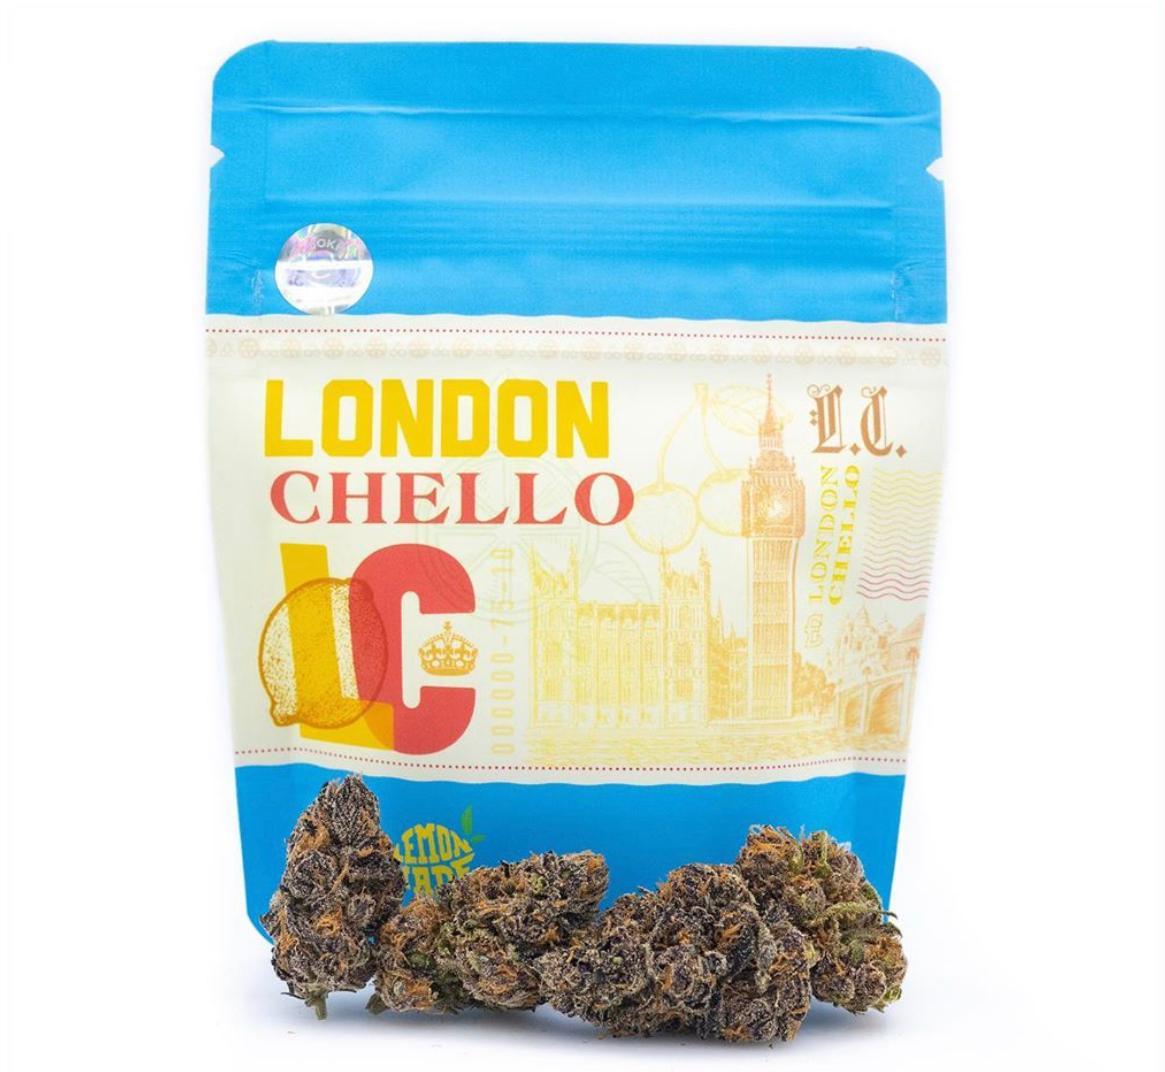 London Chello cookie strain